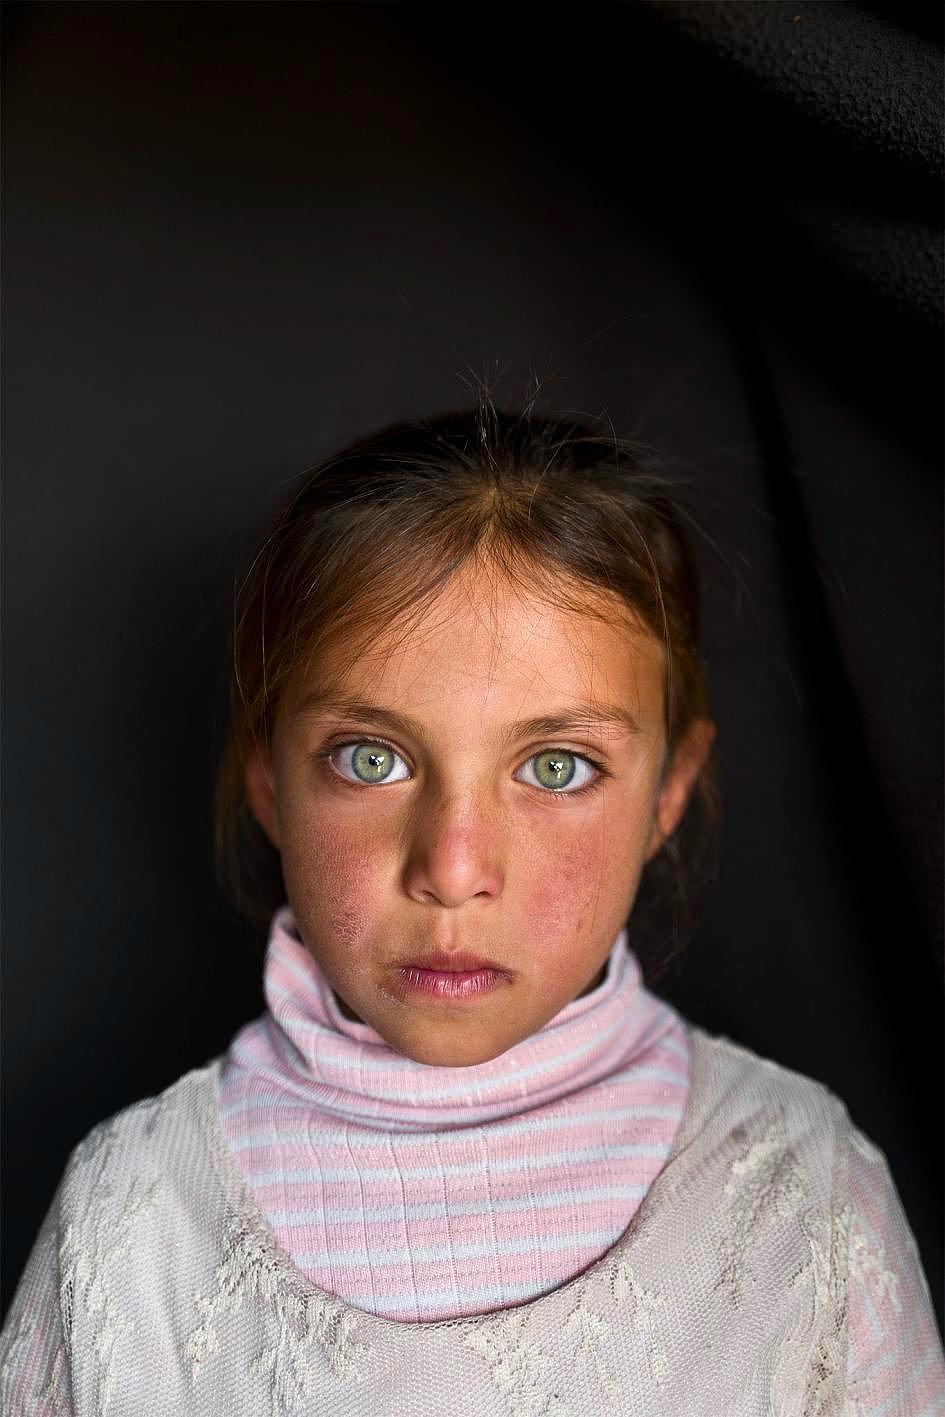 Savaşın Acısı Onların Gözlerinde 7